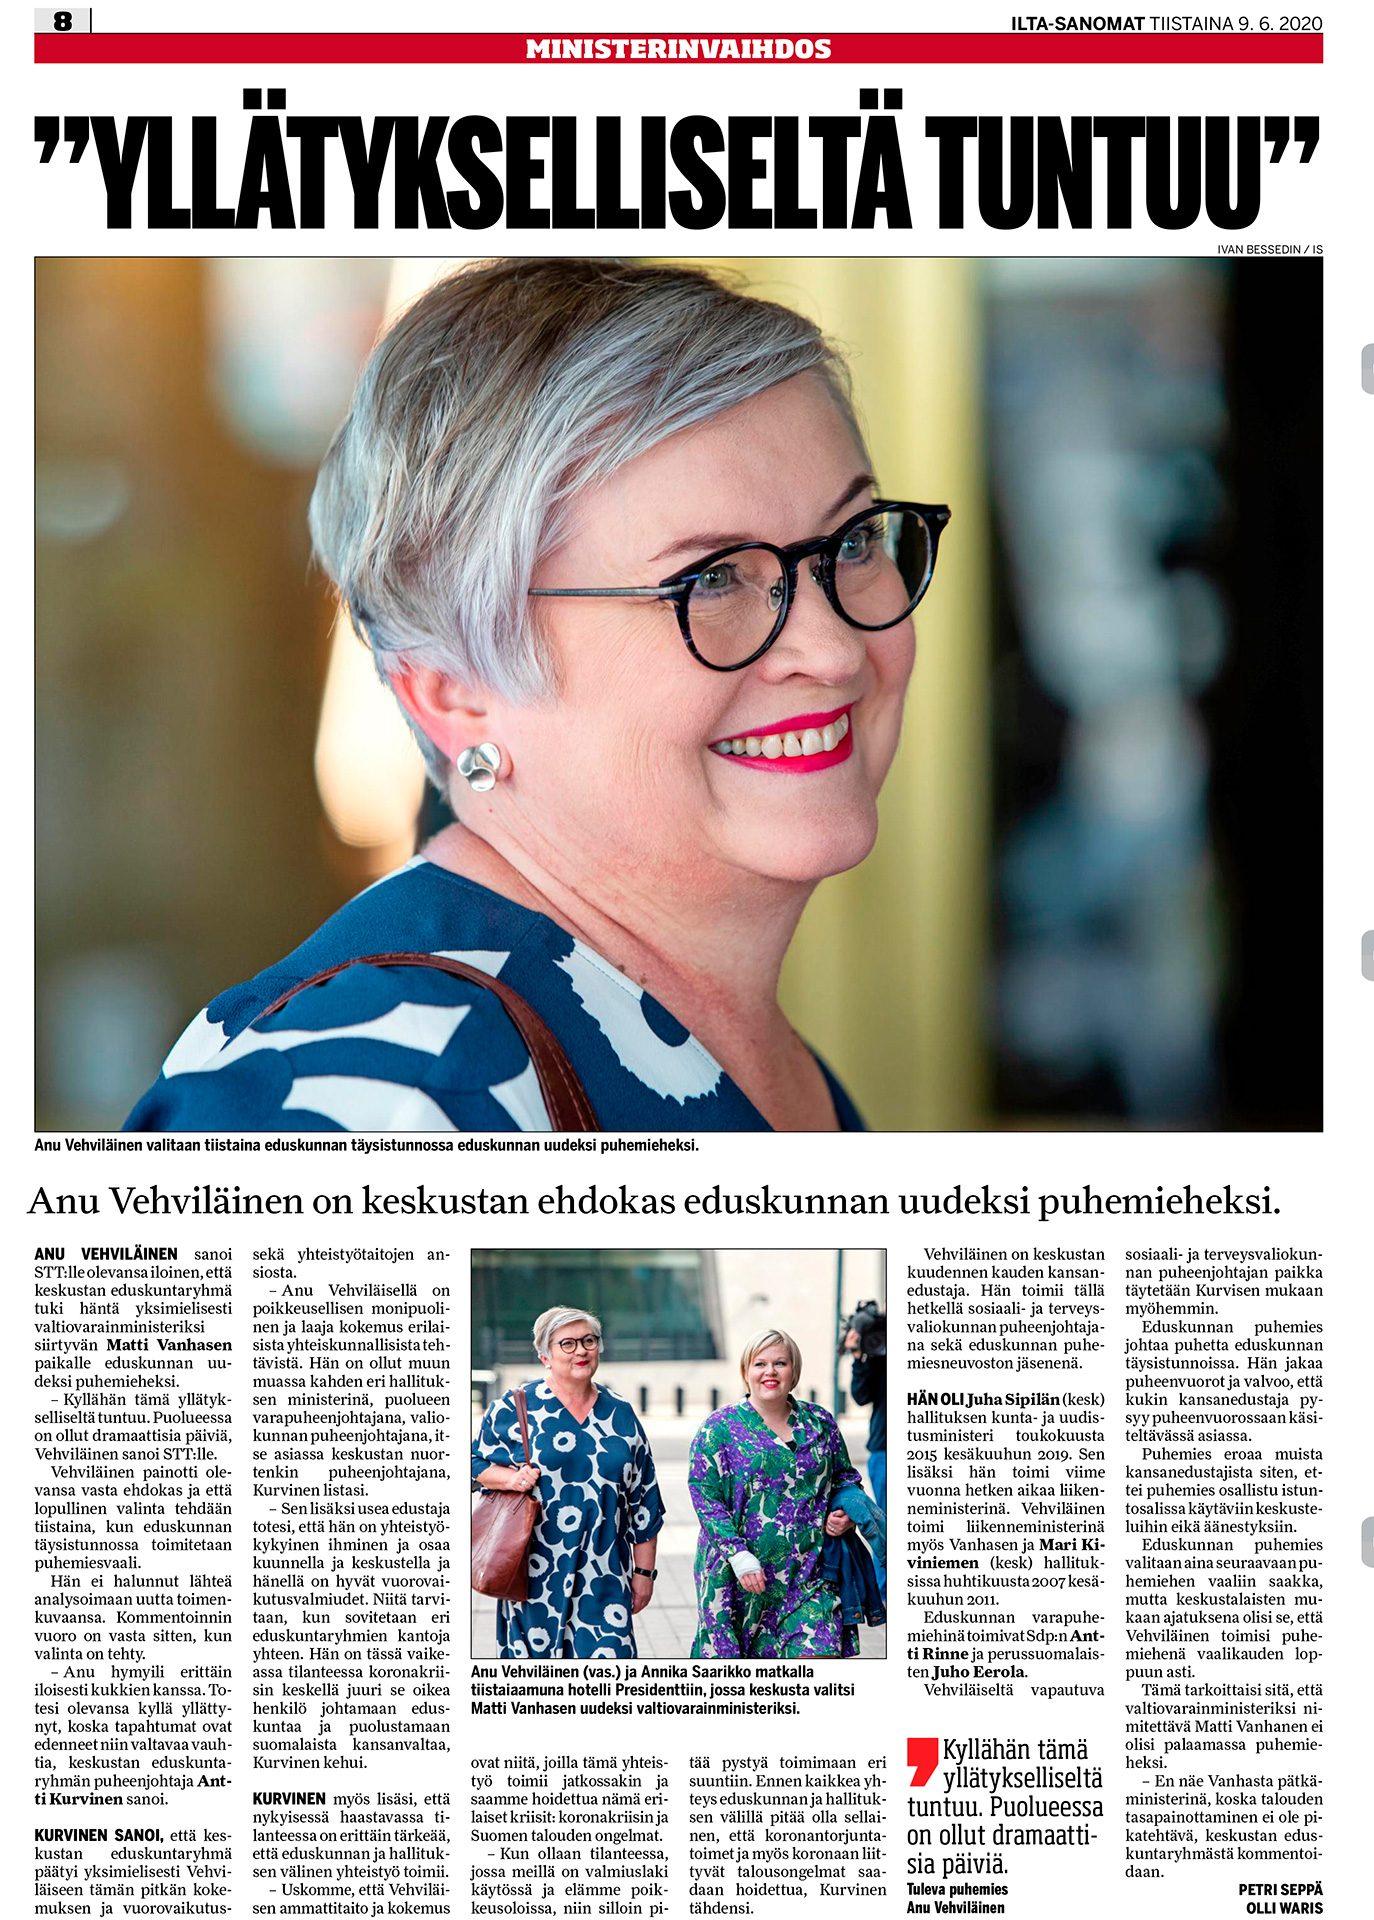 Ilta-Sanomat, Anu Vehviläinen, poliitikko